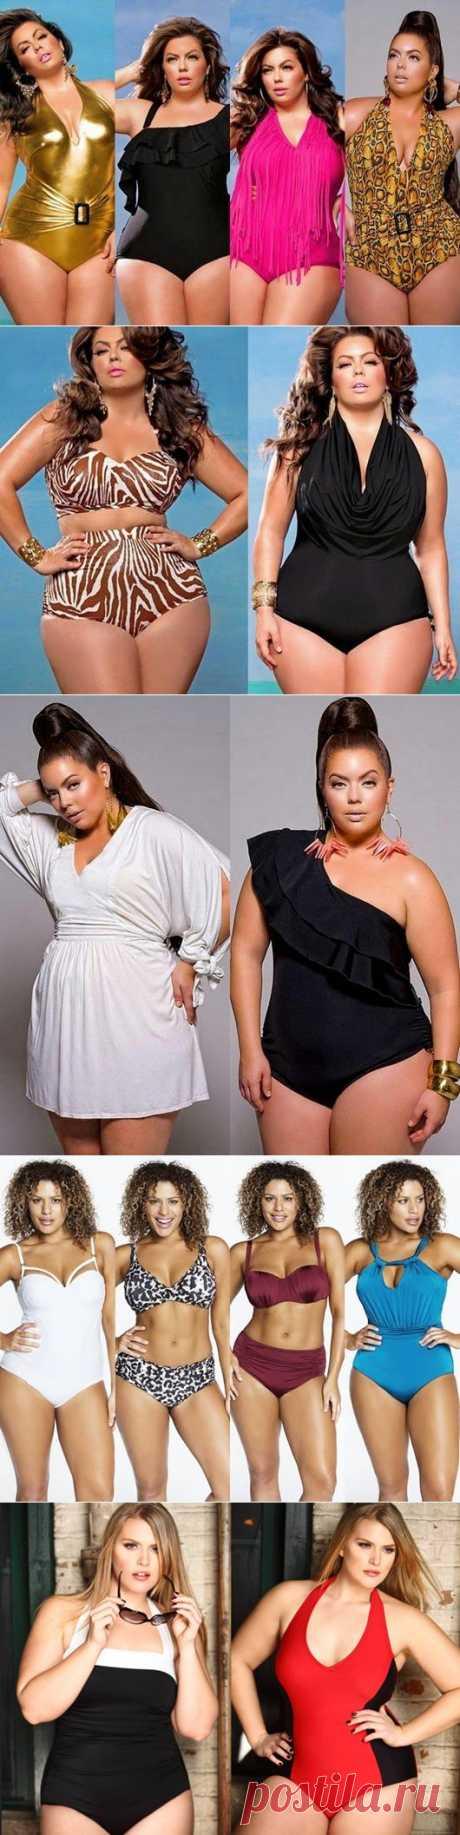 Модные купальники для полных женщин /// Полные,они такие аппетитные =) | Разно Всяко